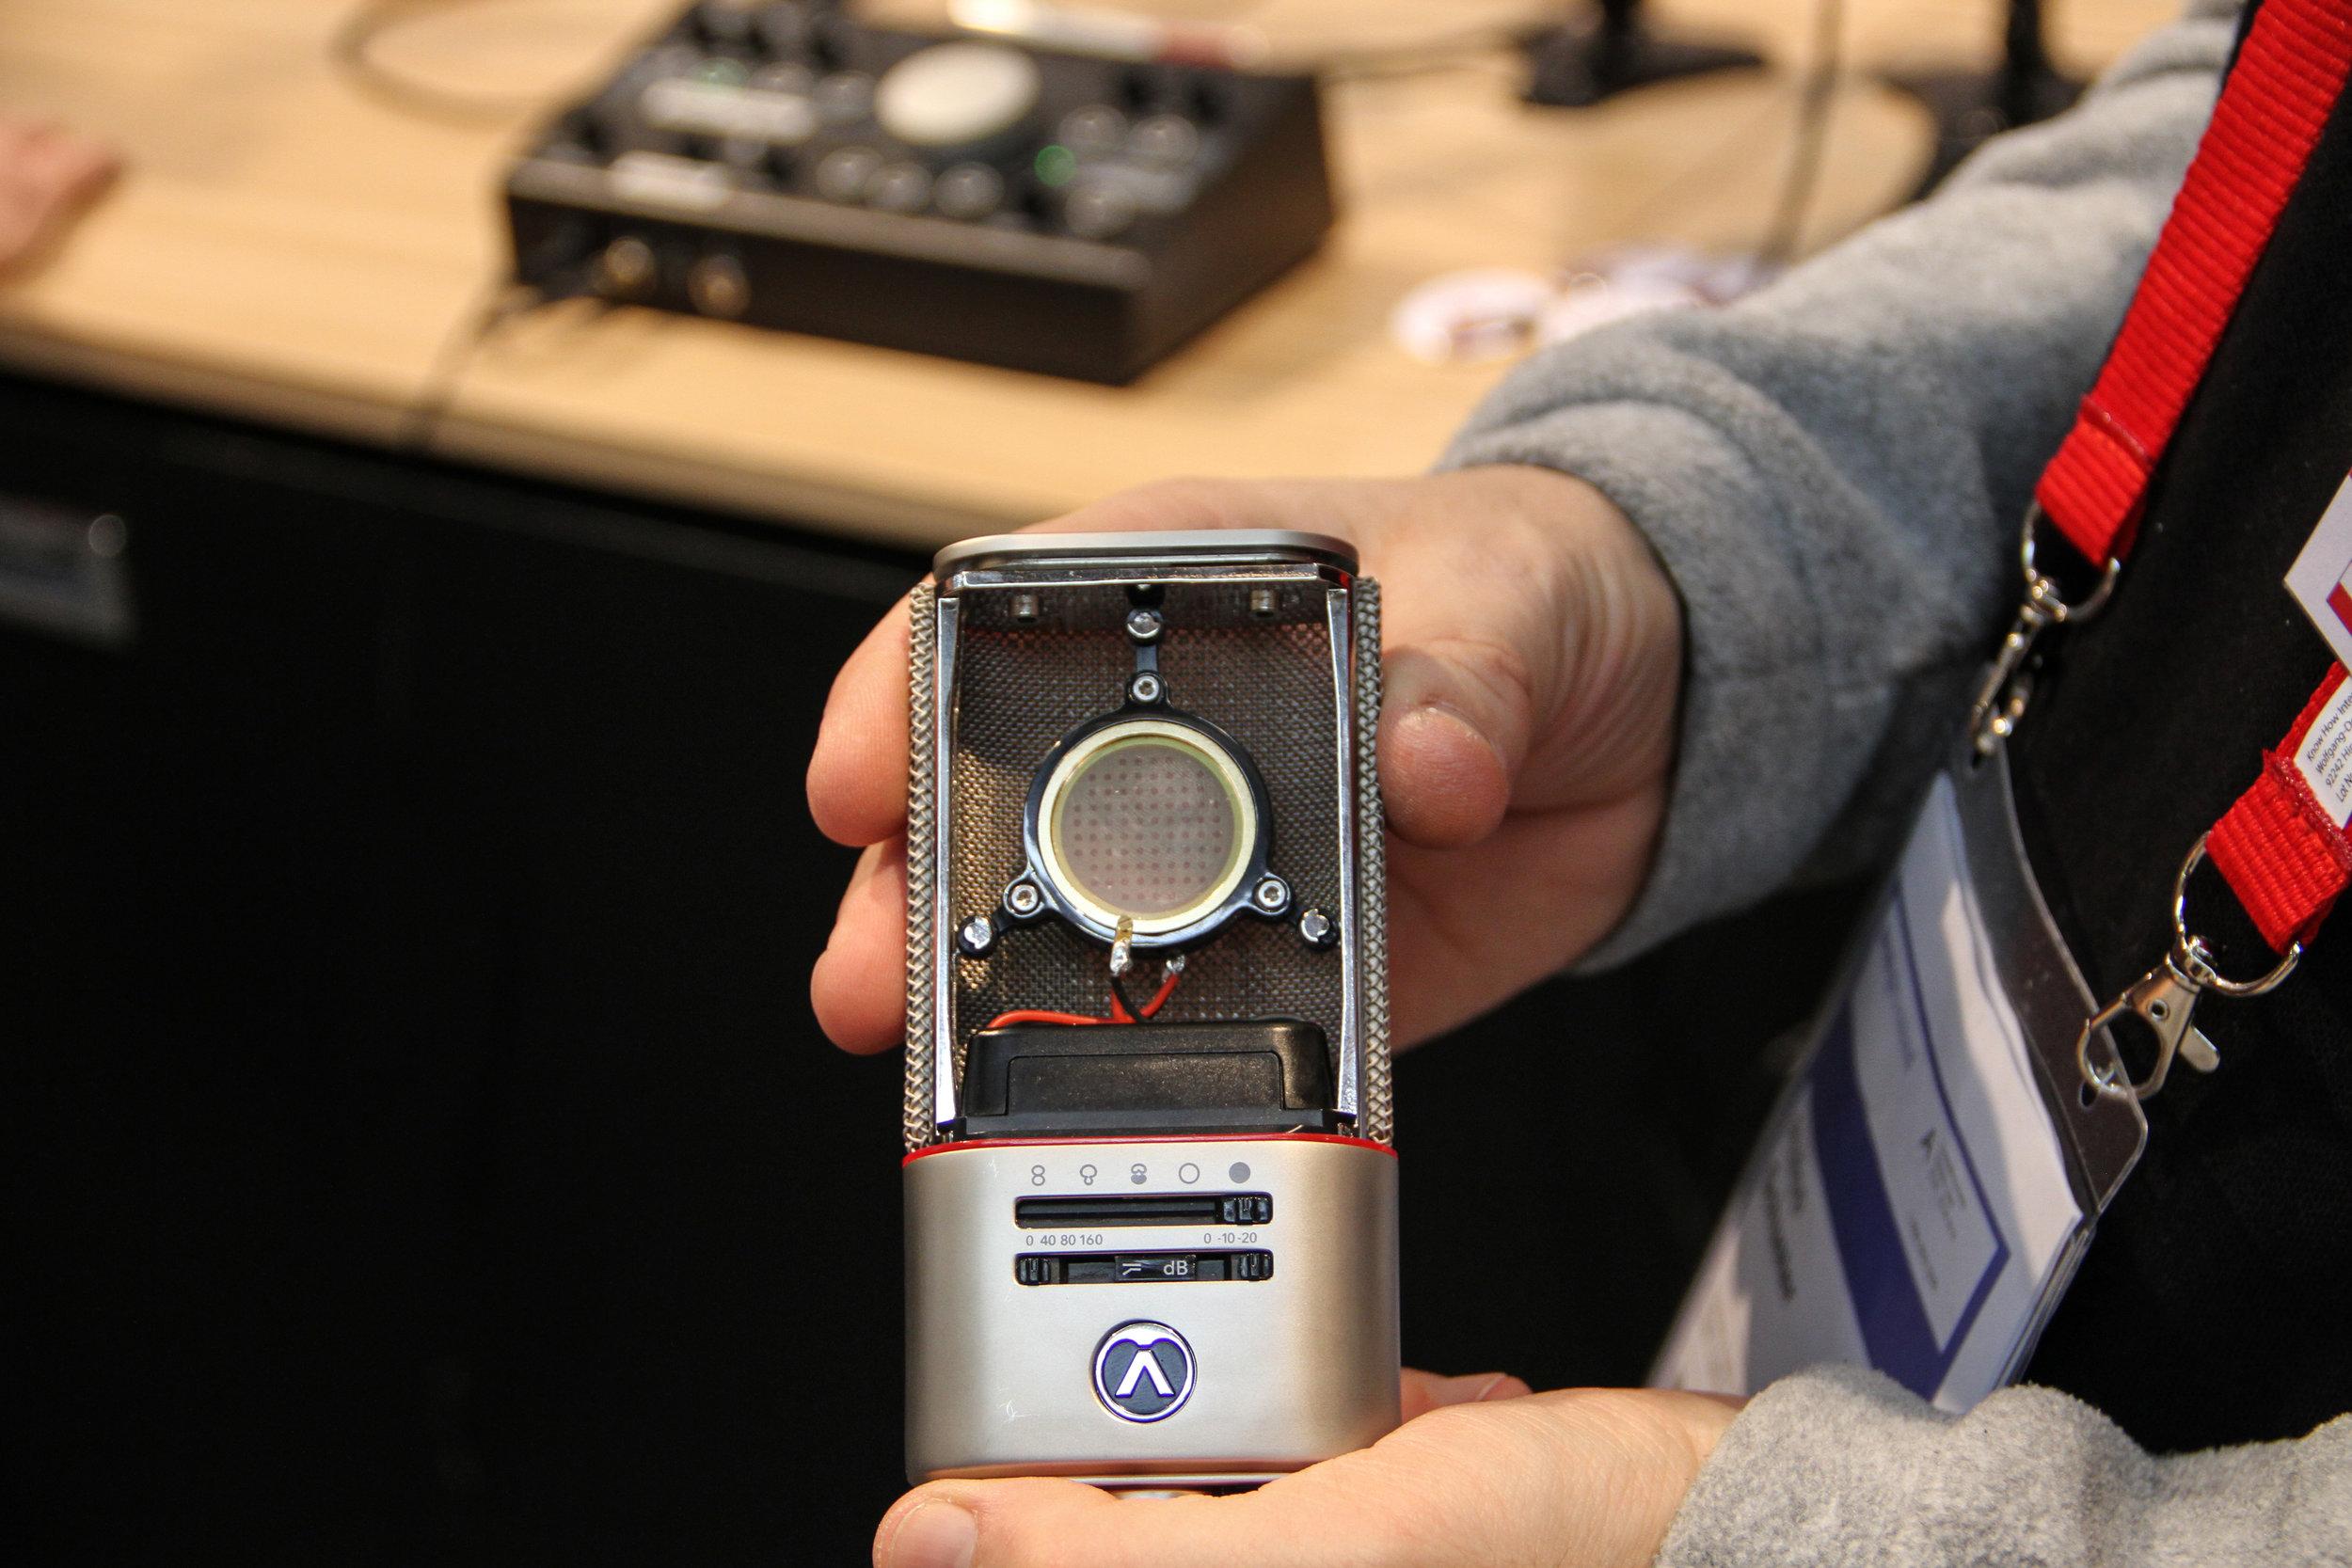 Det nyligen uppstartade företaget Austrian Audio tog mikrofonvärlden till helt nya höjder genom lanseringen av modellen OC818.